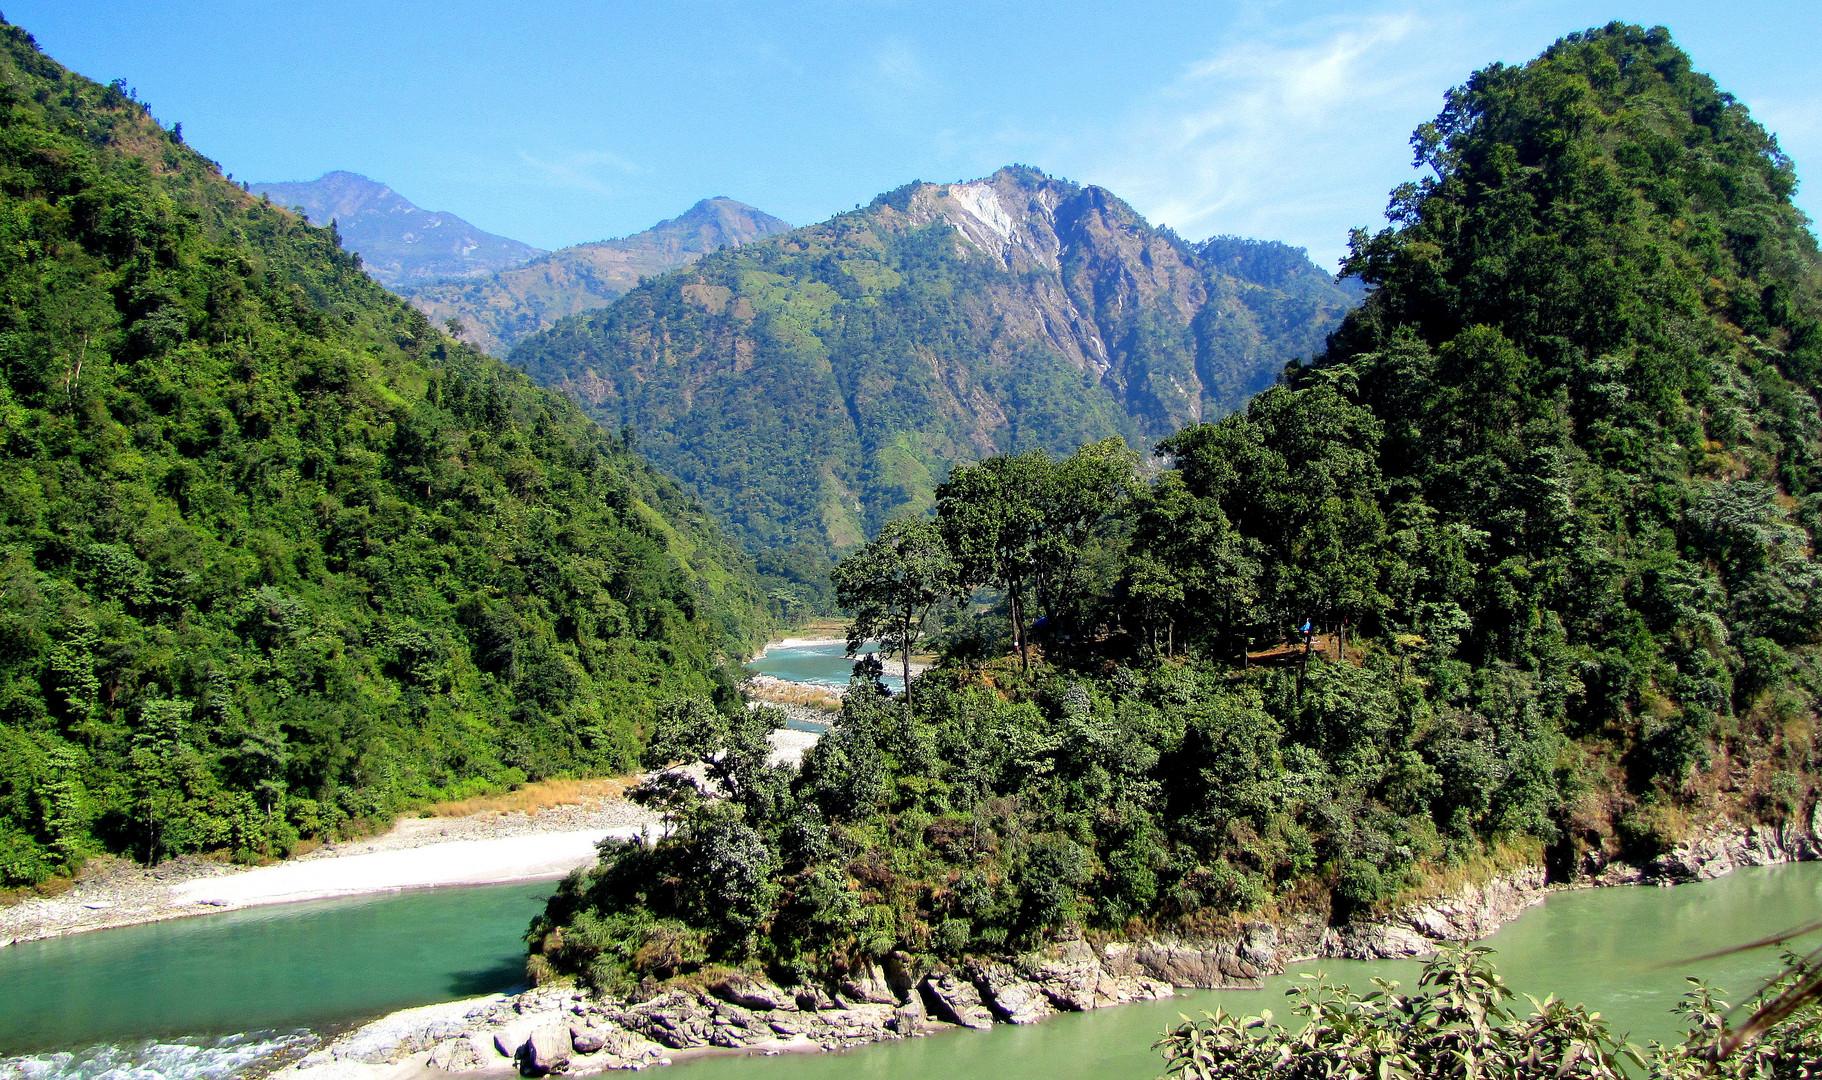 Paysage du Népal, région du Teraï.